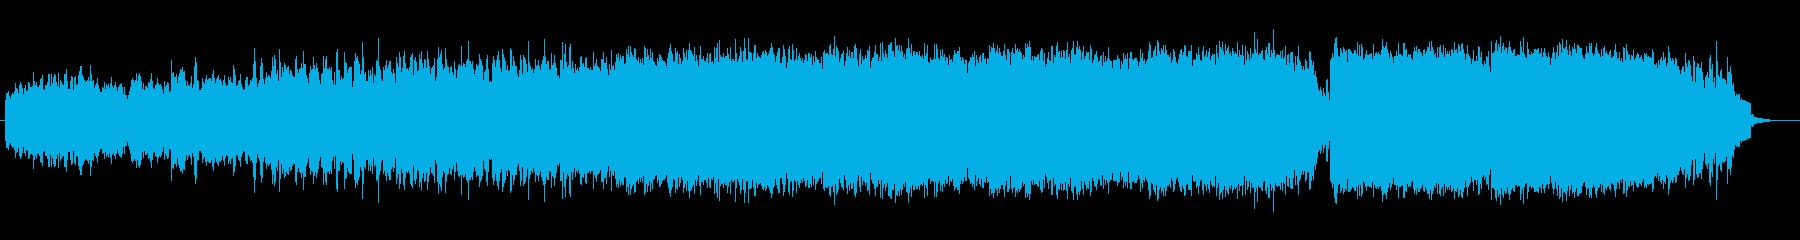 明るく雄大なシンセサイザーサウンドの再生済みの波形